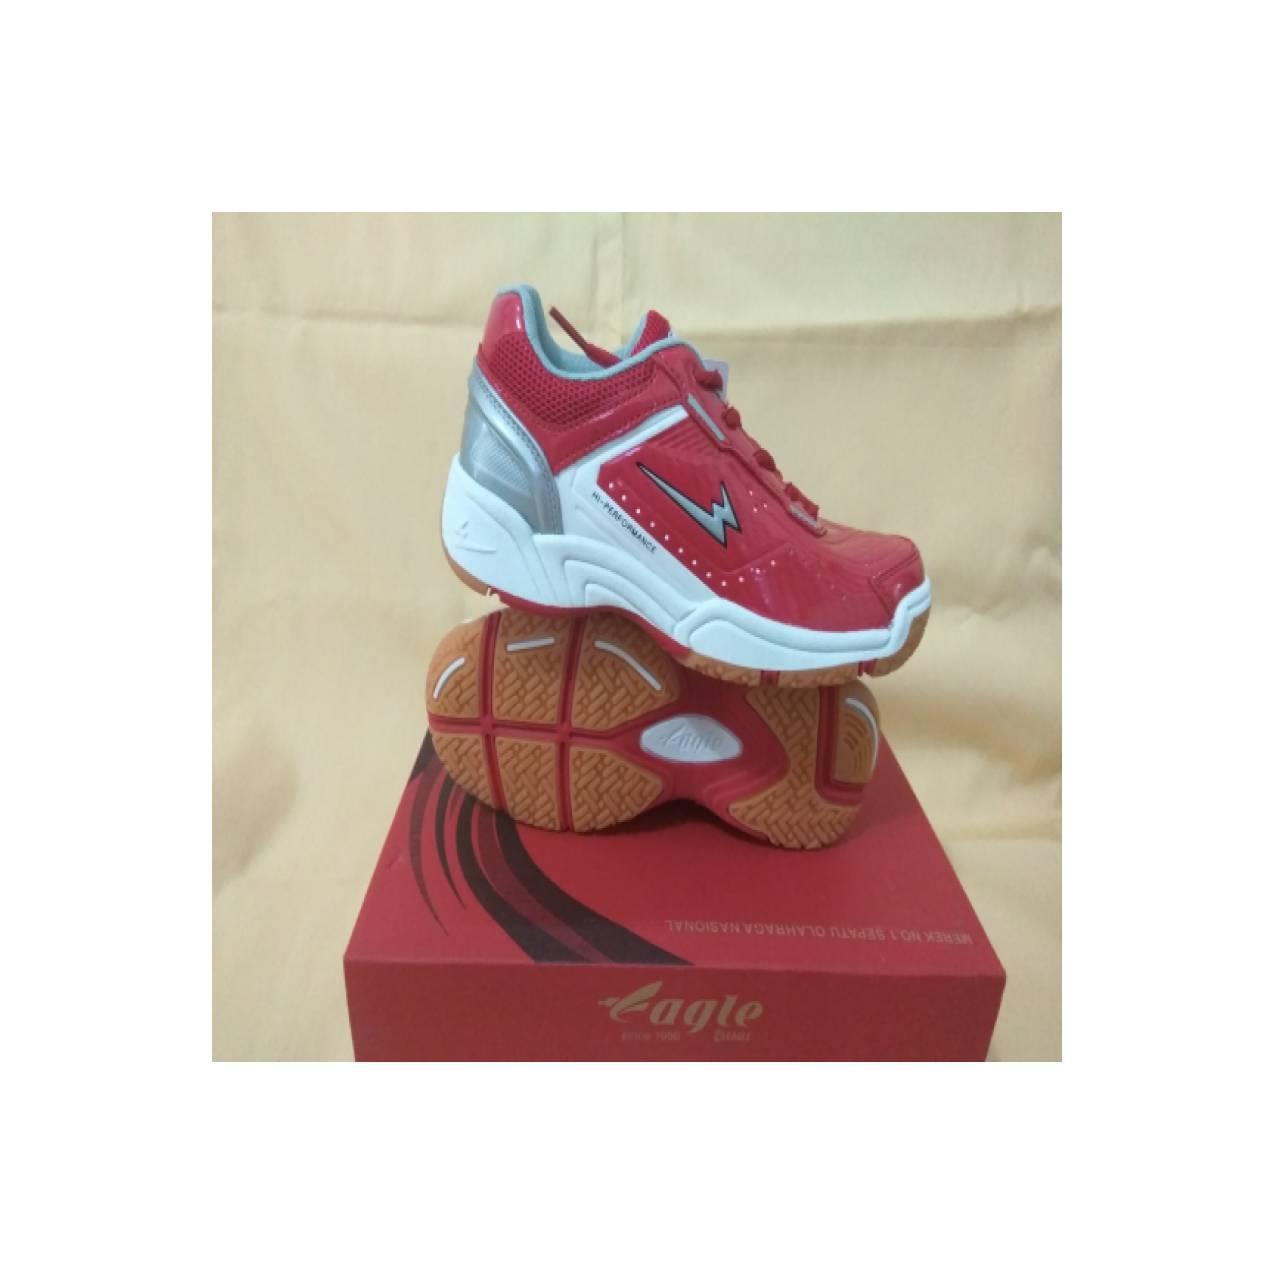 Harga Jual Sepatu Eagle Premier Badminton Original Berkualitas Murah Jr Premiere Warna Merah Dan Orangeidr265000 Rp 326400